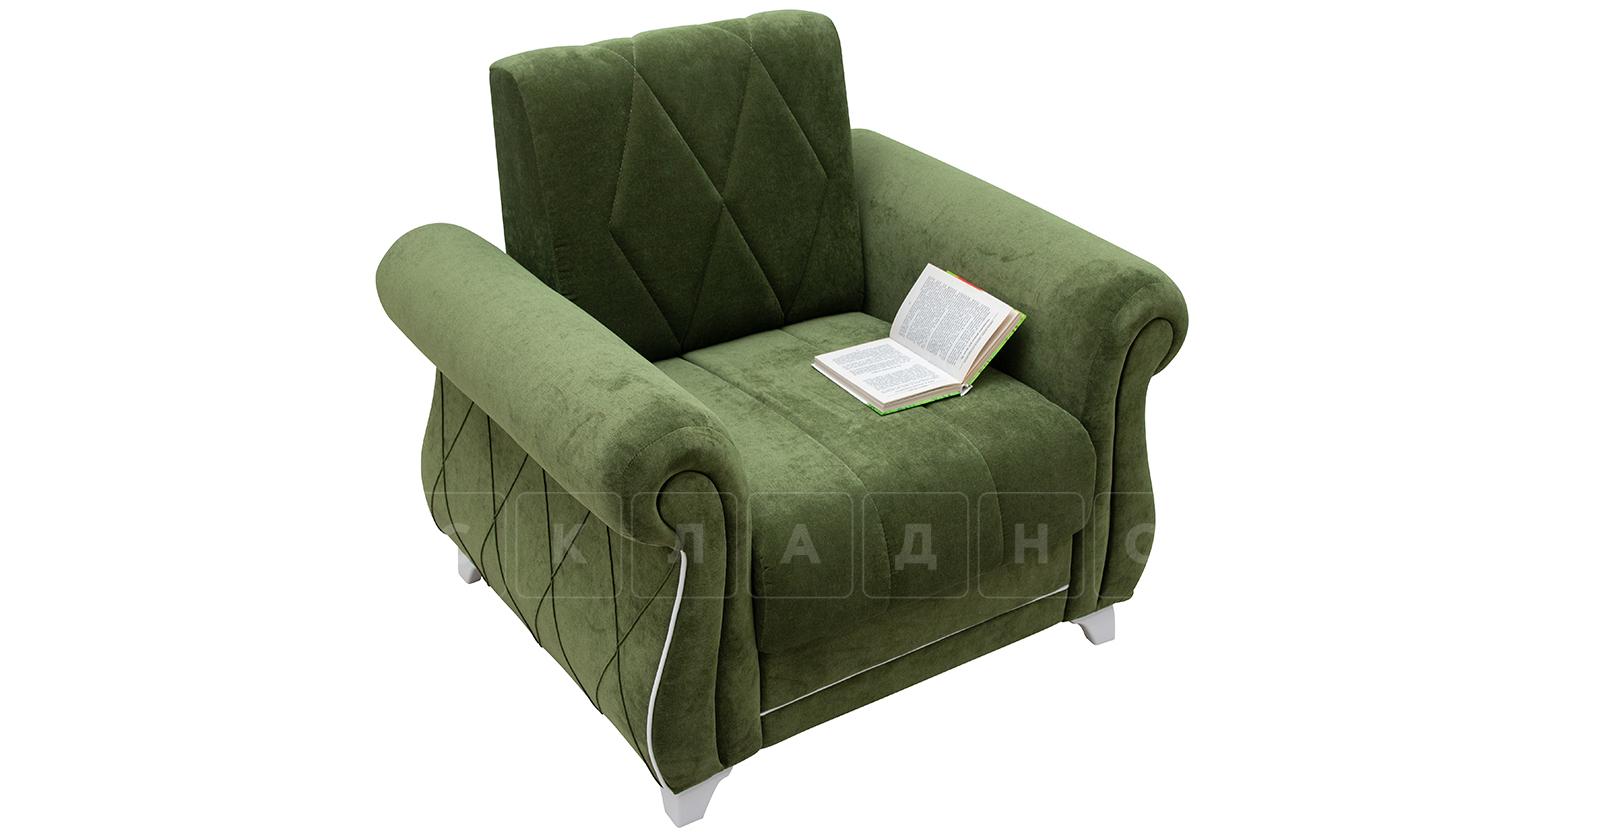 Кресло для отдыха Роза оливковый фото 5 | интернет-магазин Складно